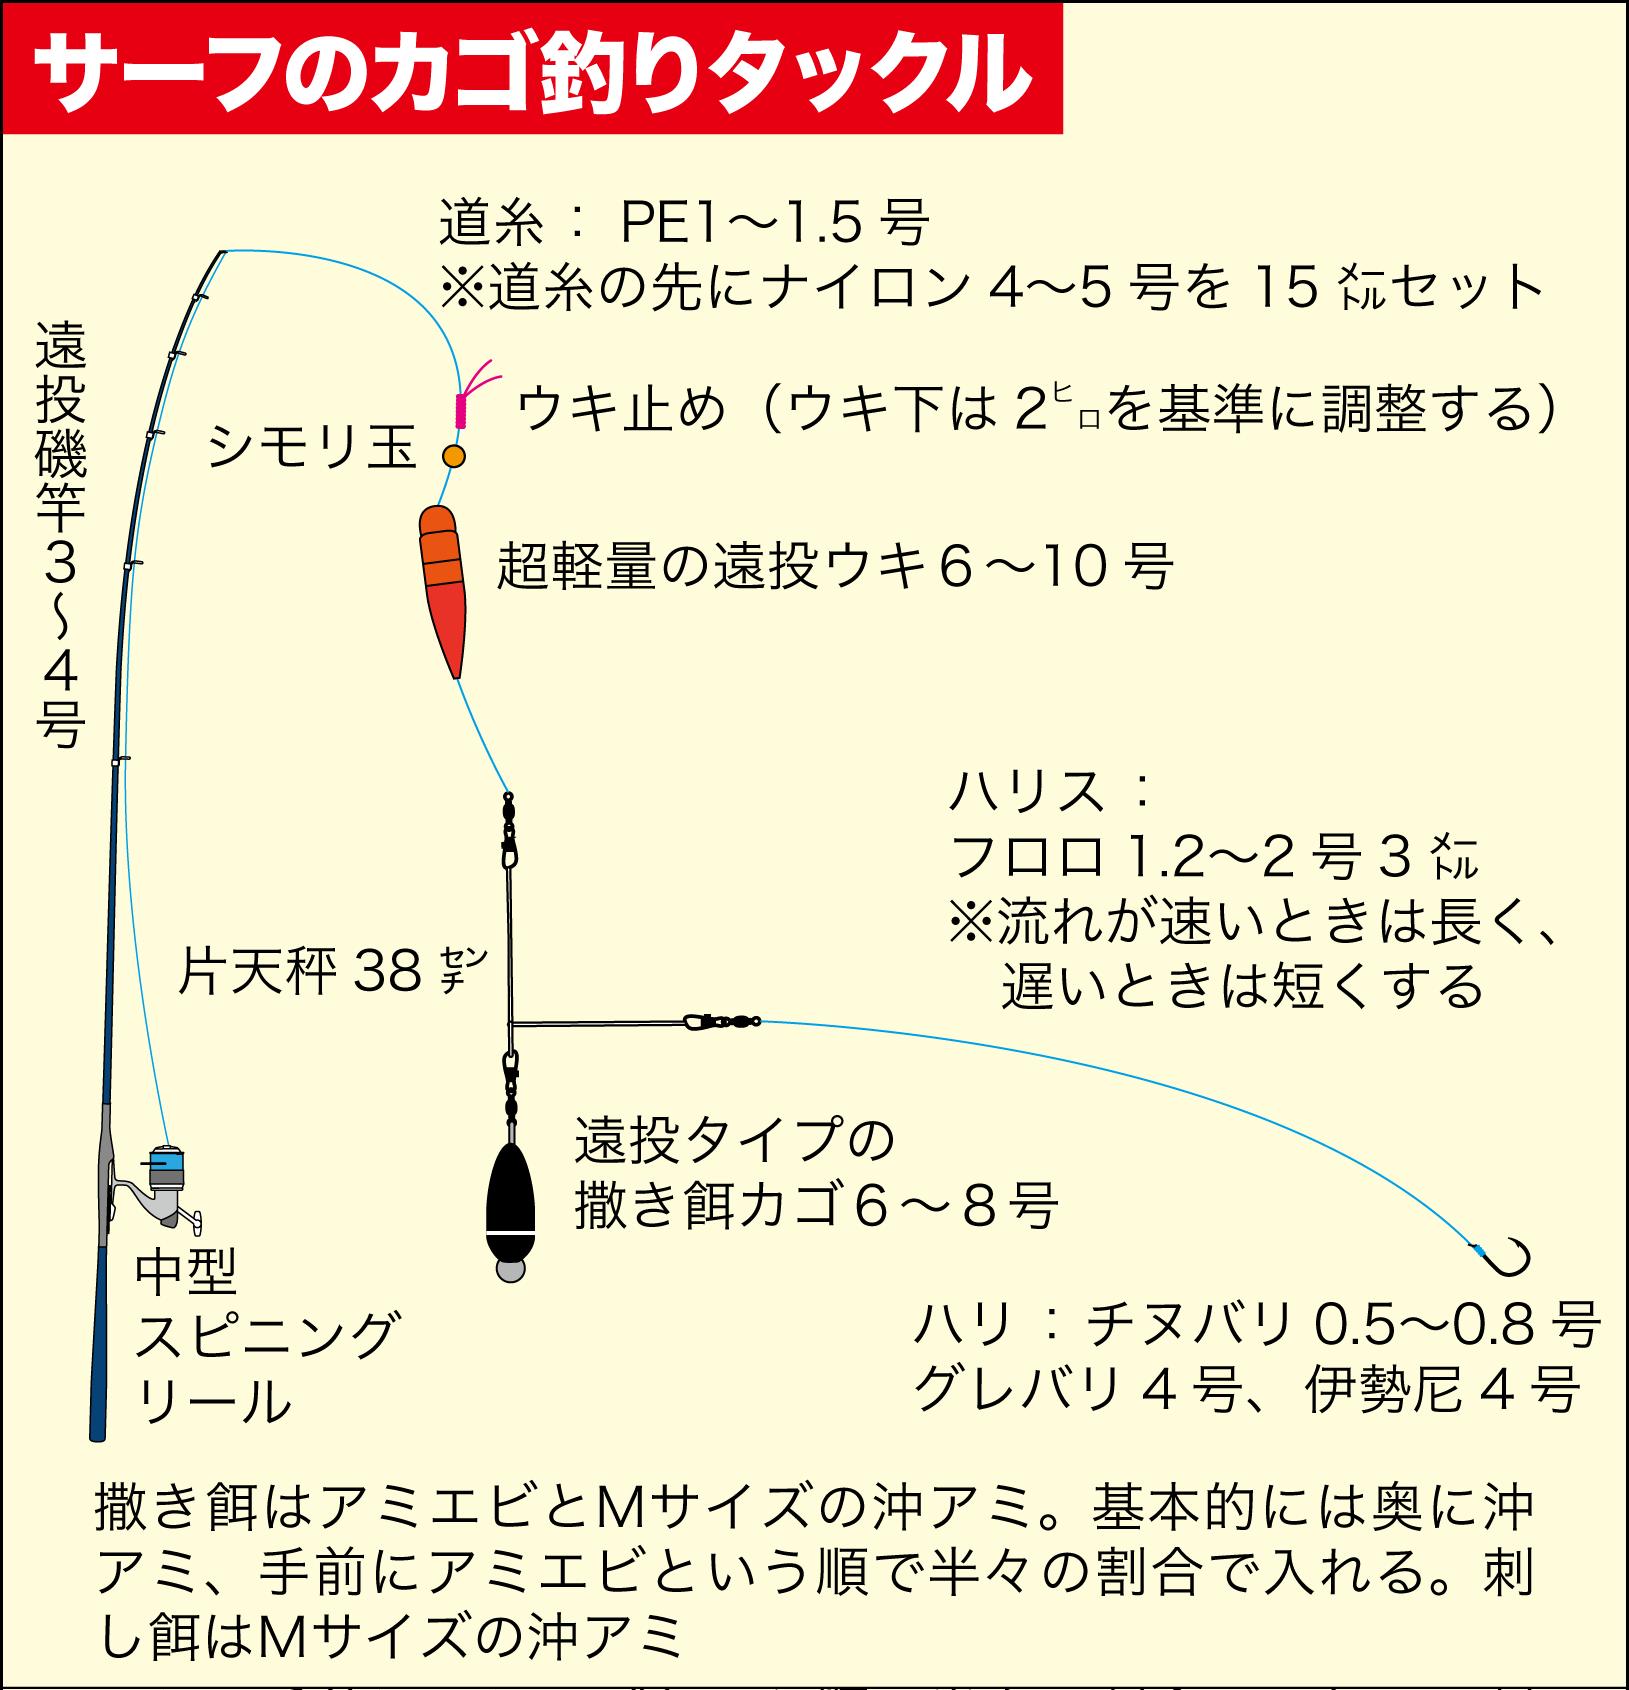 七里御浜カゴ釣りプラン3